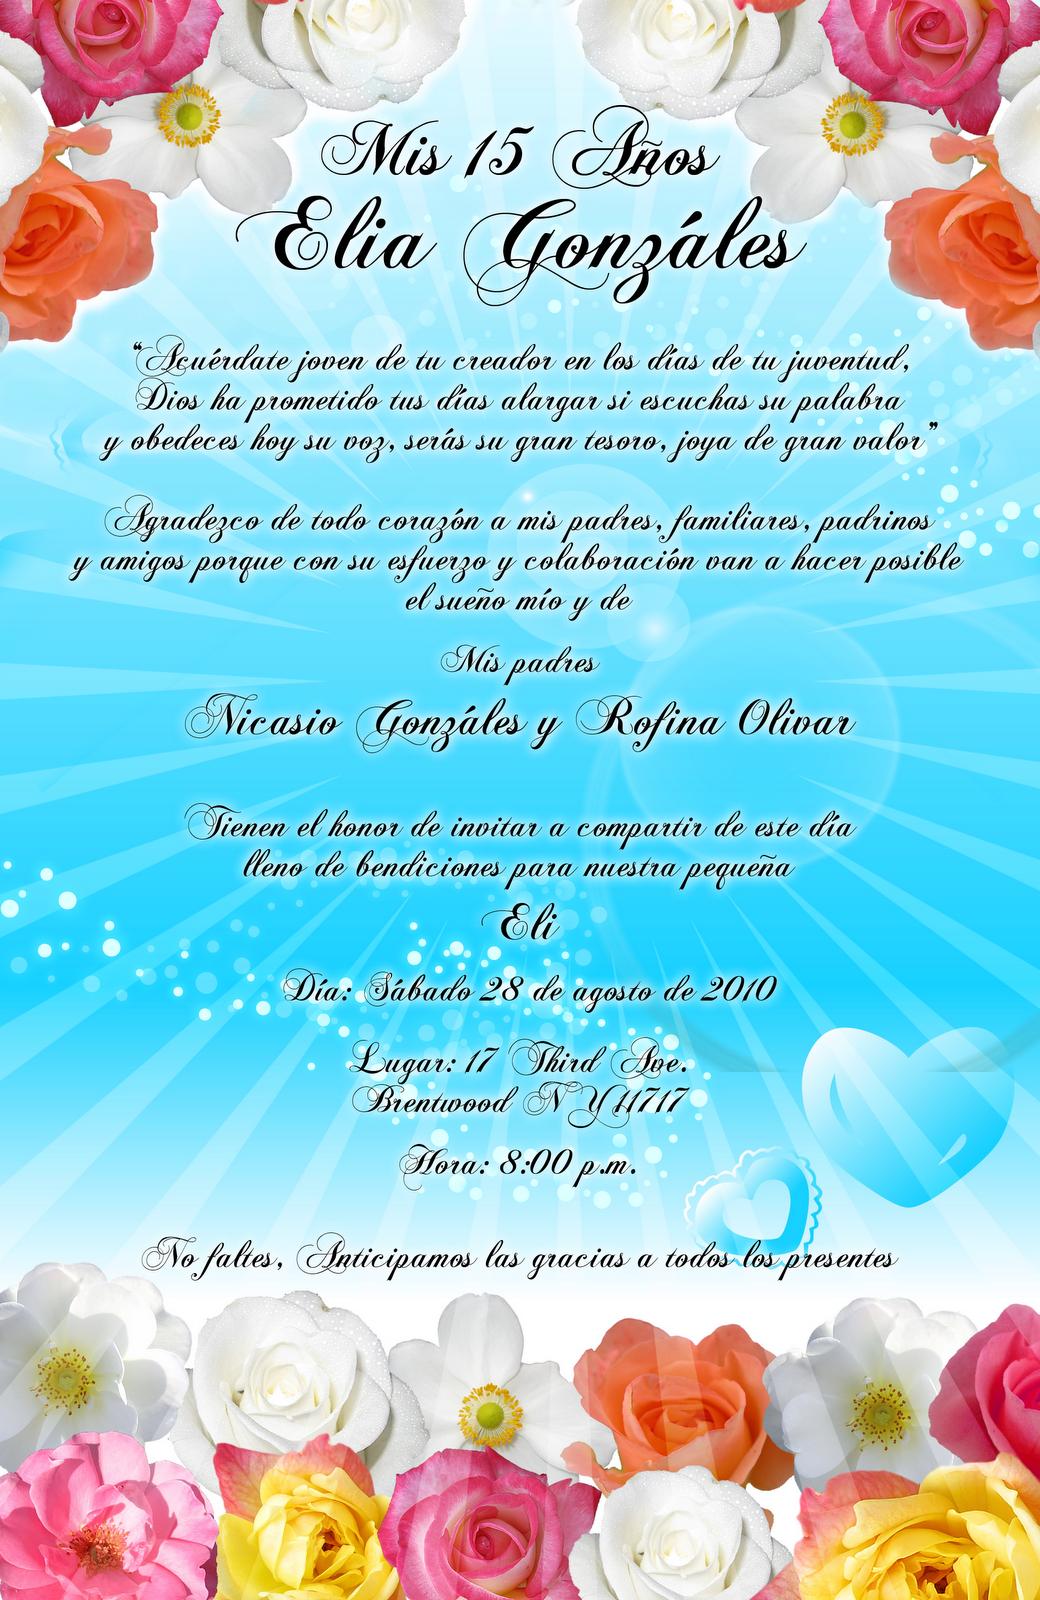 Invitación 15 y 16 Años en color turquesa y flores tropicales